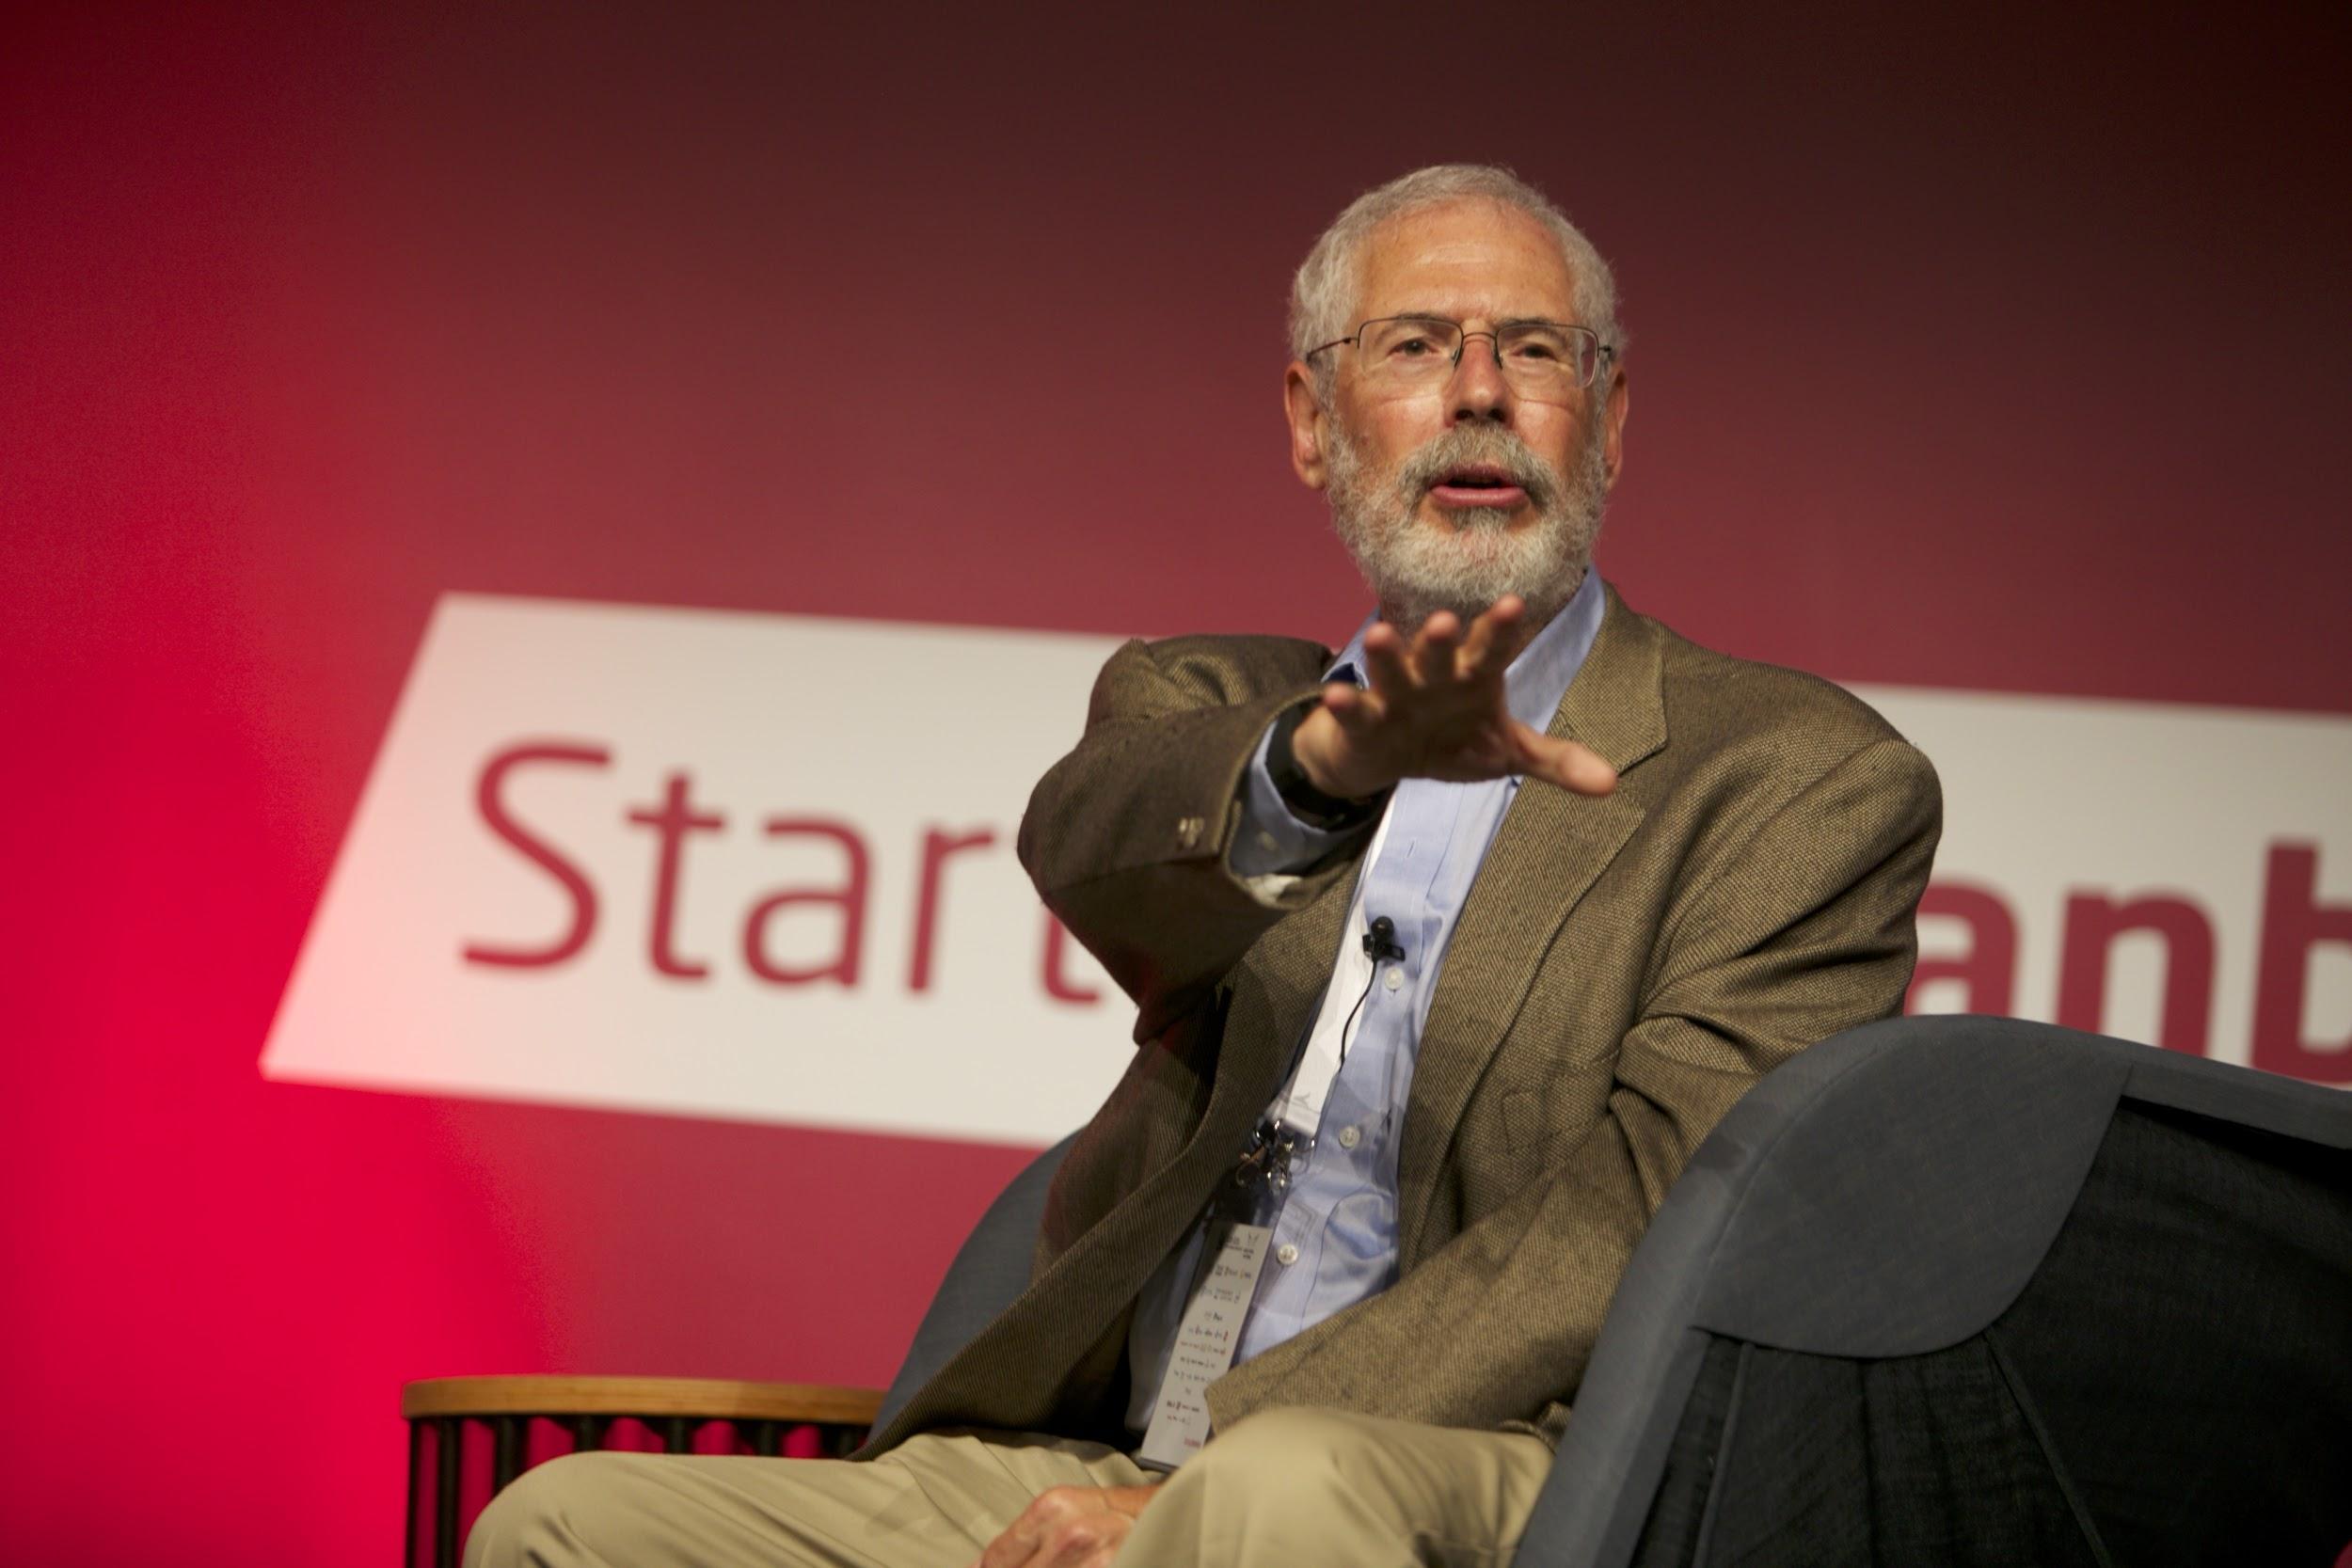 Steve Blank, of Lean Startup fame